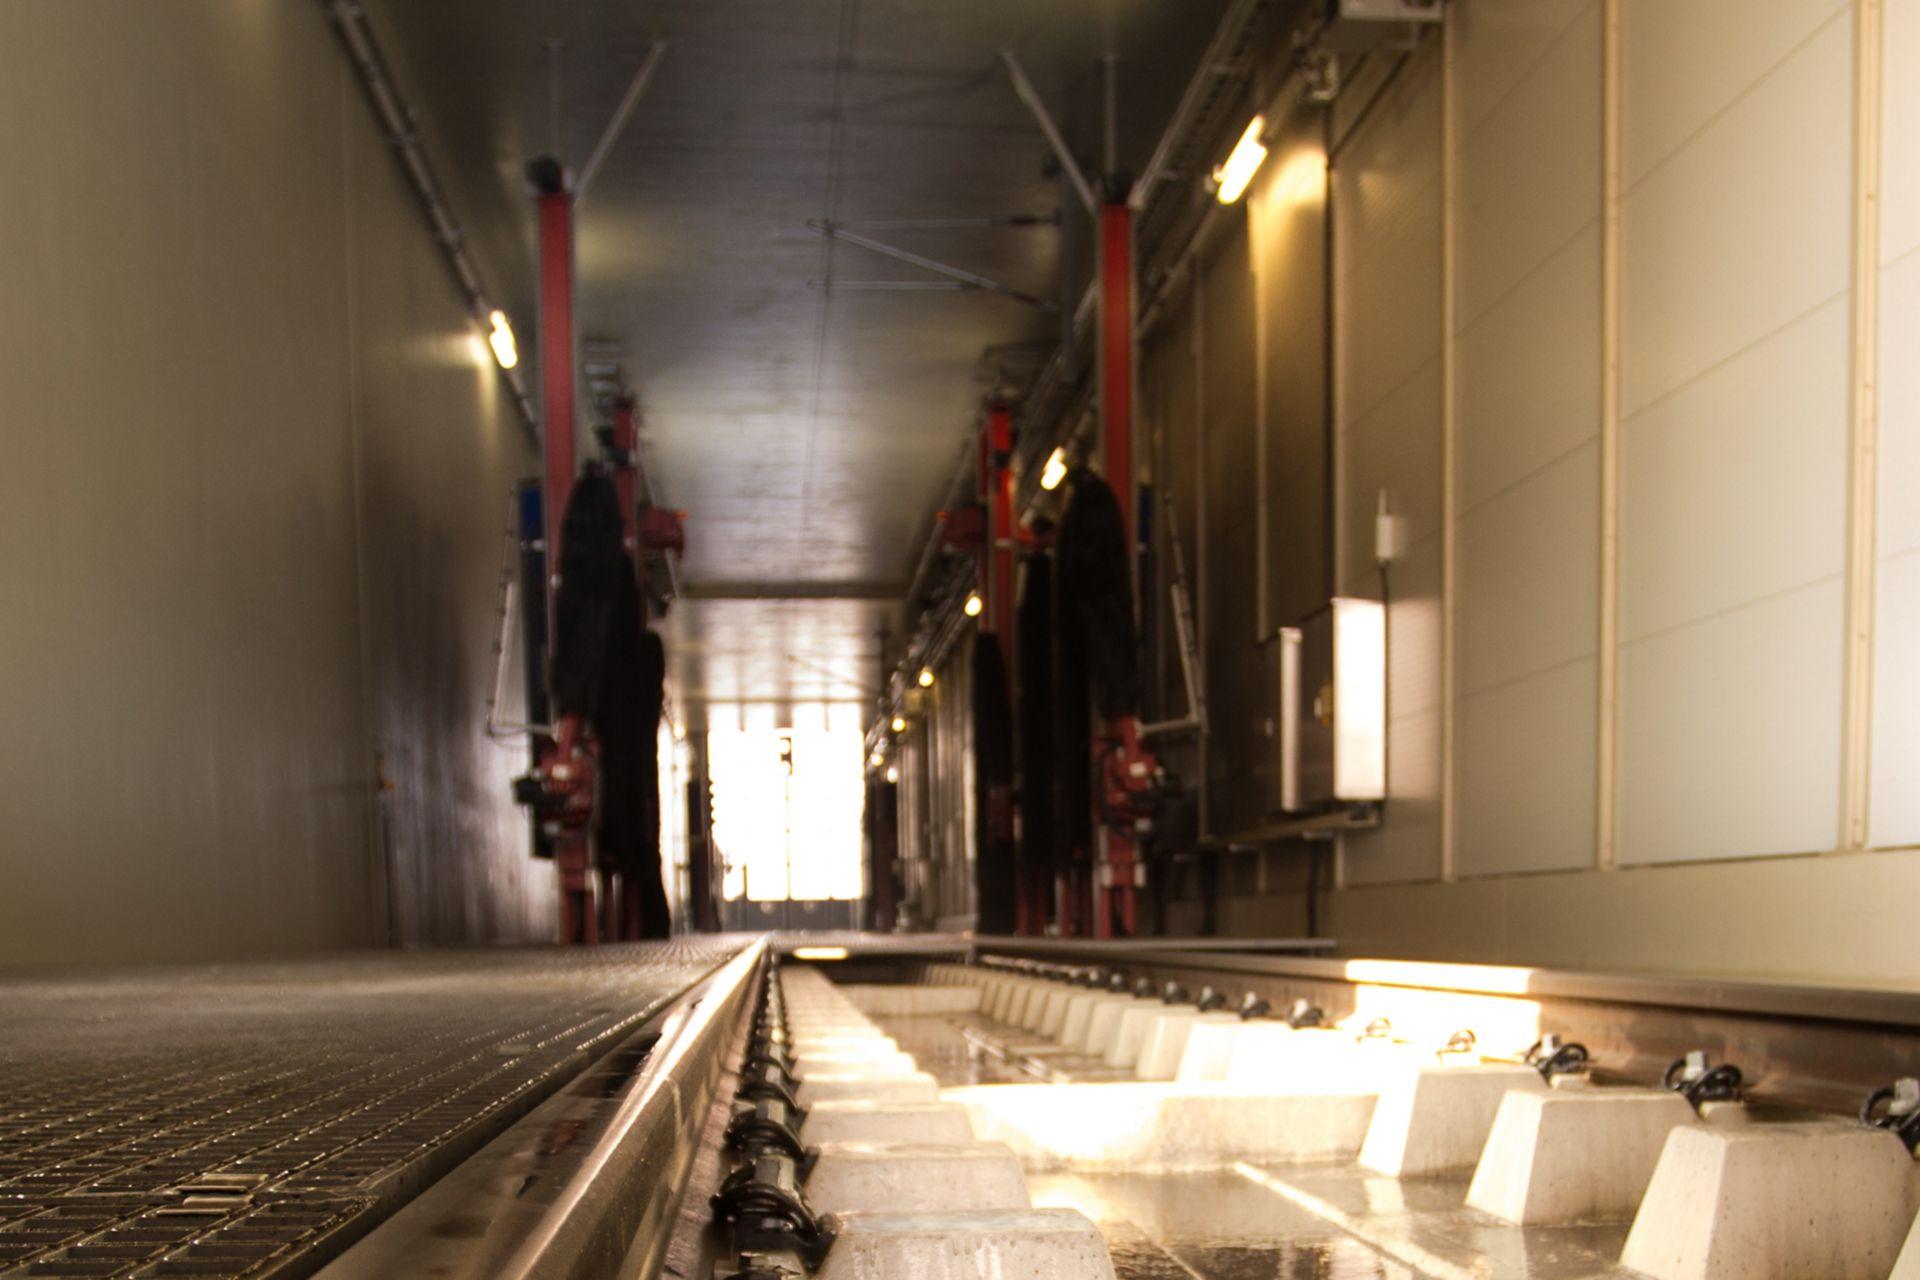 Auffangwanne der Gleisanlage für die Reinigungsreagenzien